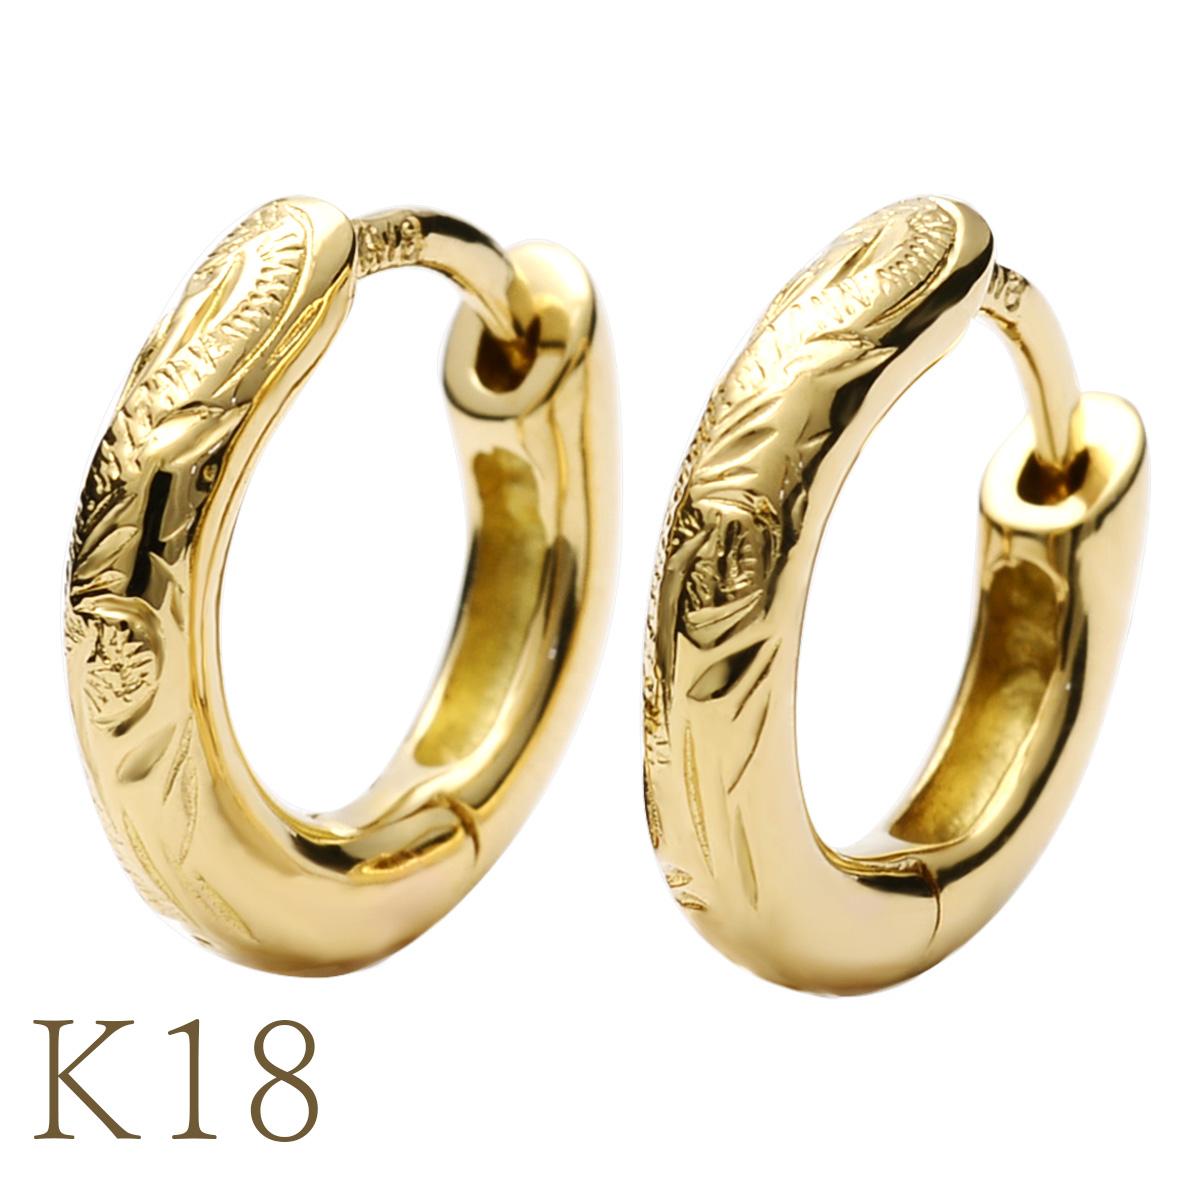 ハワイアンジュエリー ピアス 18金 ピアス 18k 18金 ピアス ピアス 18k レディース 女性 メンズ 男性 リッチスクロールミニ・フープピアス ゴールドピアス (K18ゴールド 18金 18k イエロー ピンク ホワイト ) aer54101ga